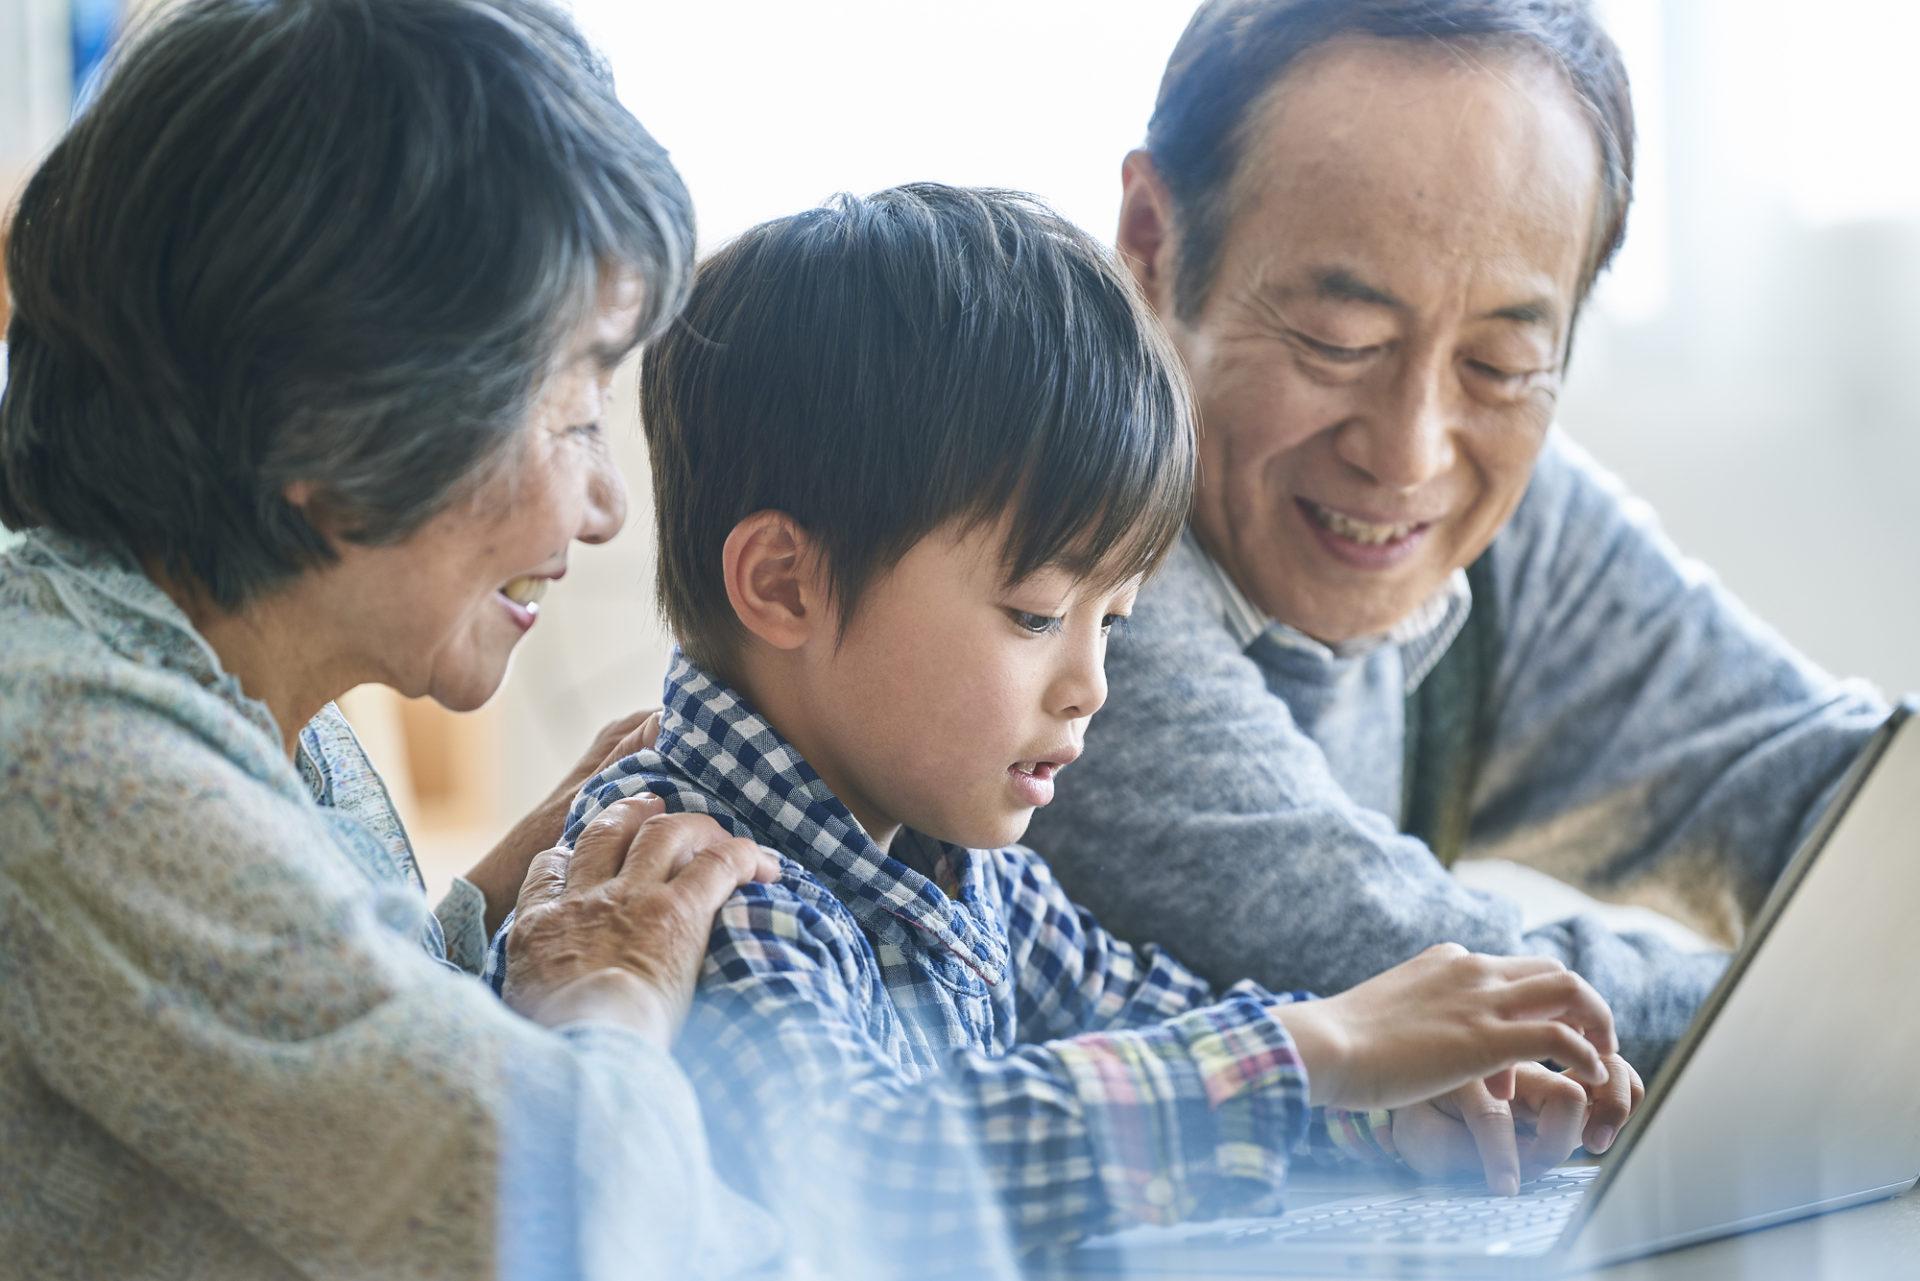 孫にプログラミングを教える祖父と祖母